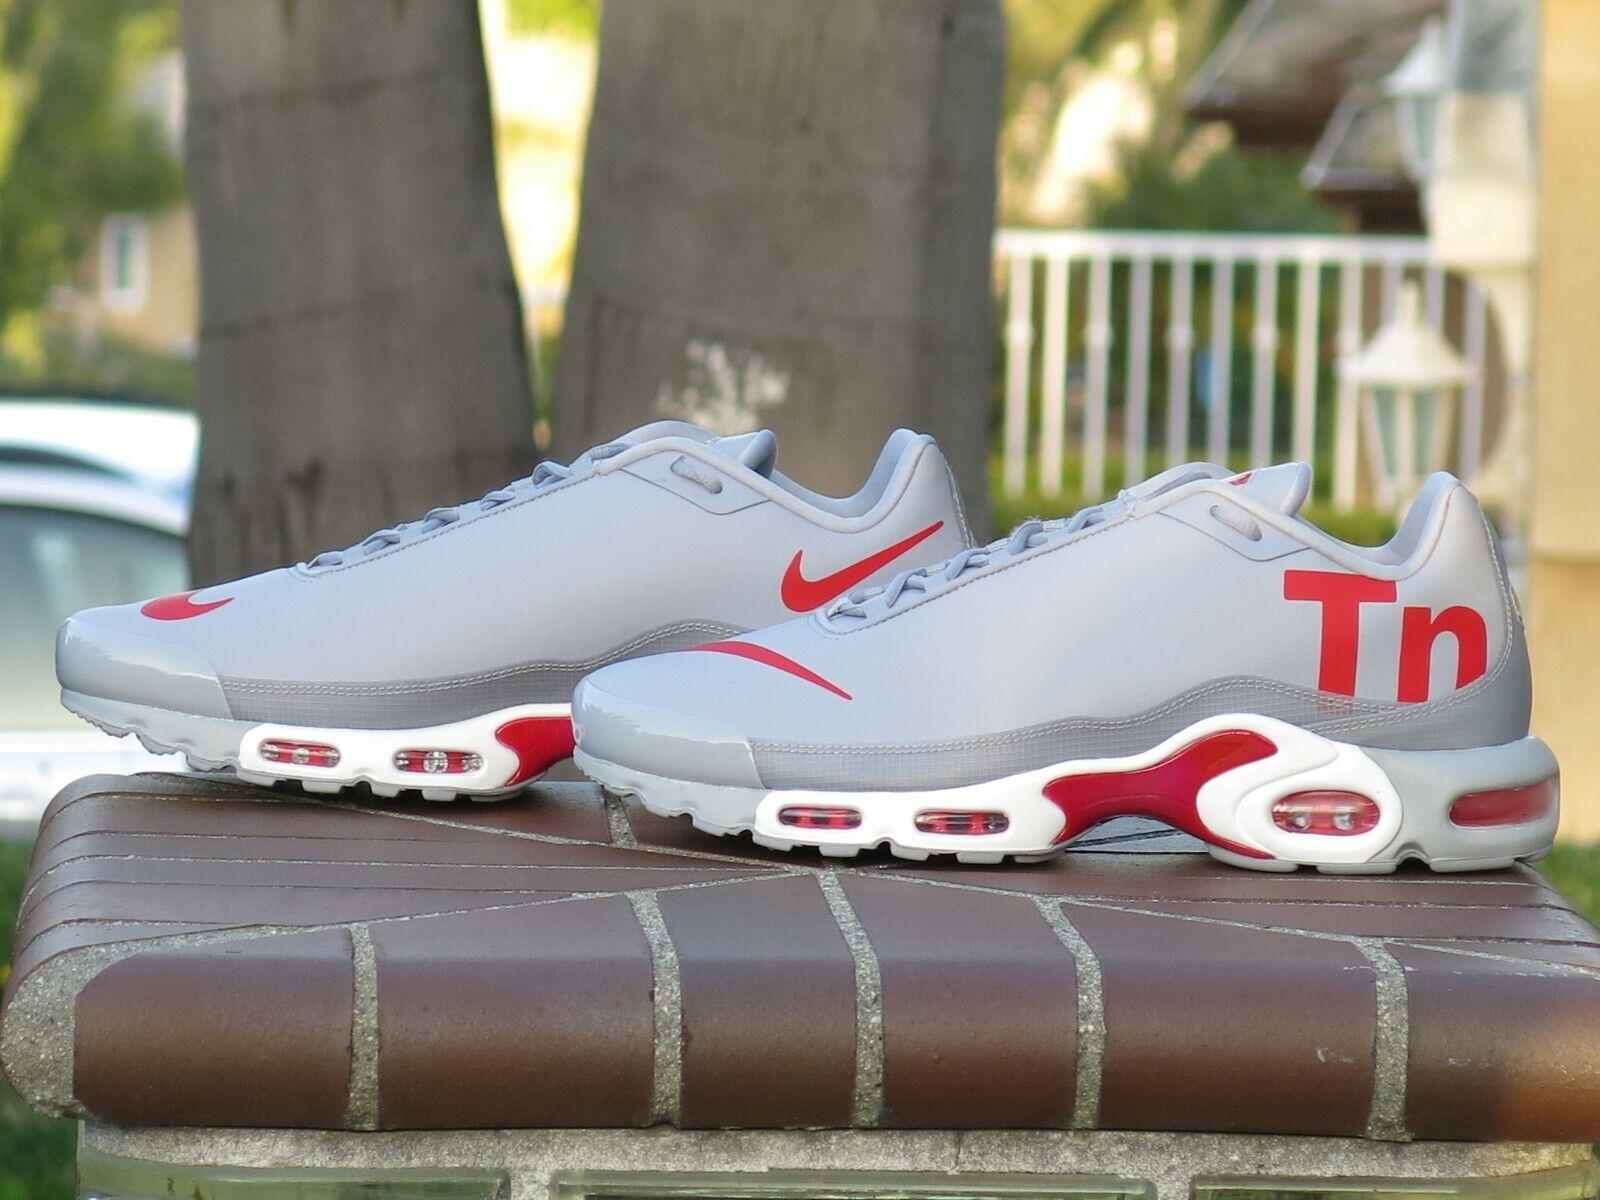 Nike Air Max Plus TN SE Men's Basketball Sneakers Sneakers